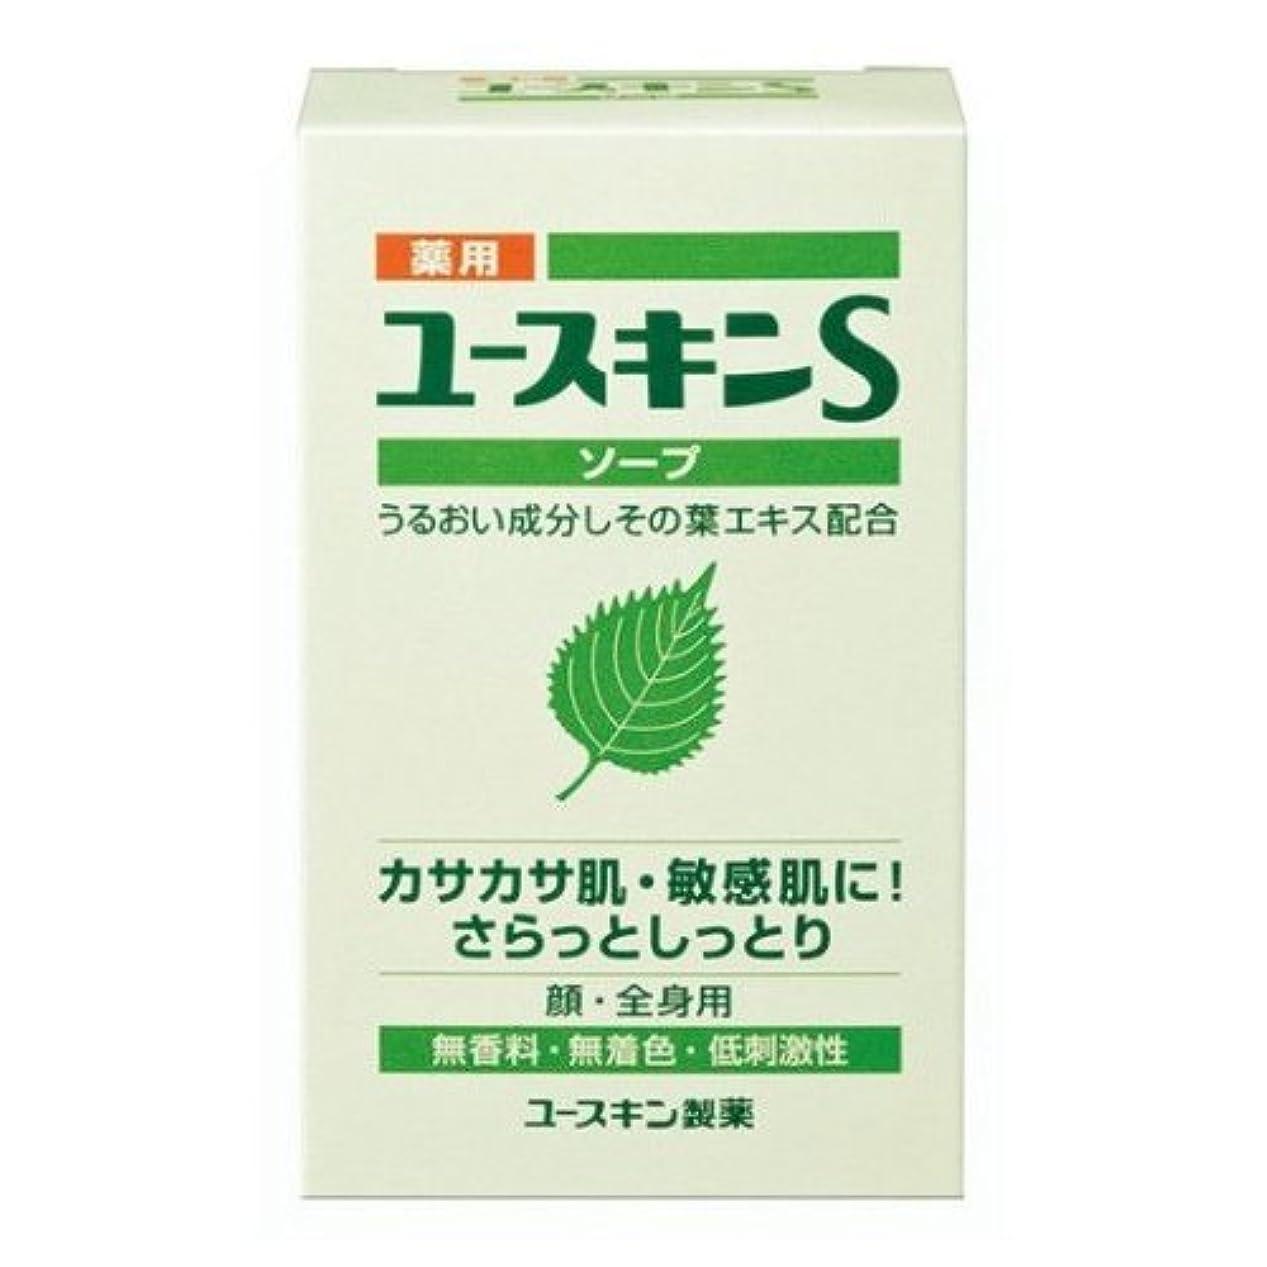 誕生先住民ぬれた薬用ユースキンS ソープ 90g (敏感肌用 透明石鹸) 【医薬部外品】